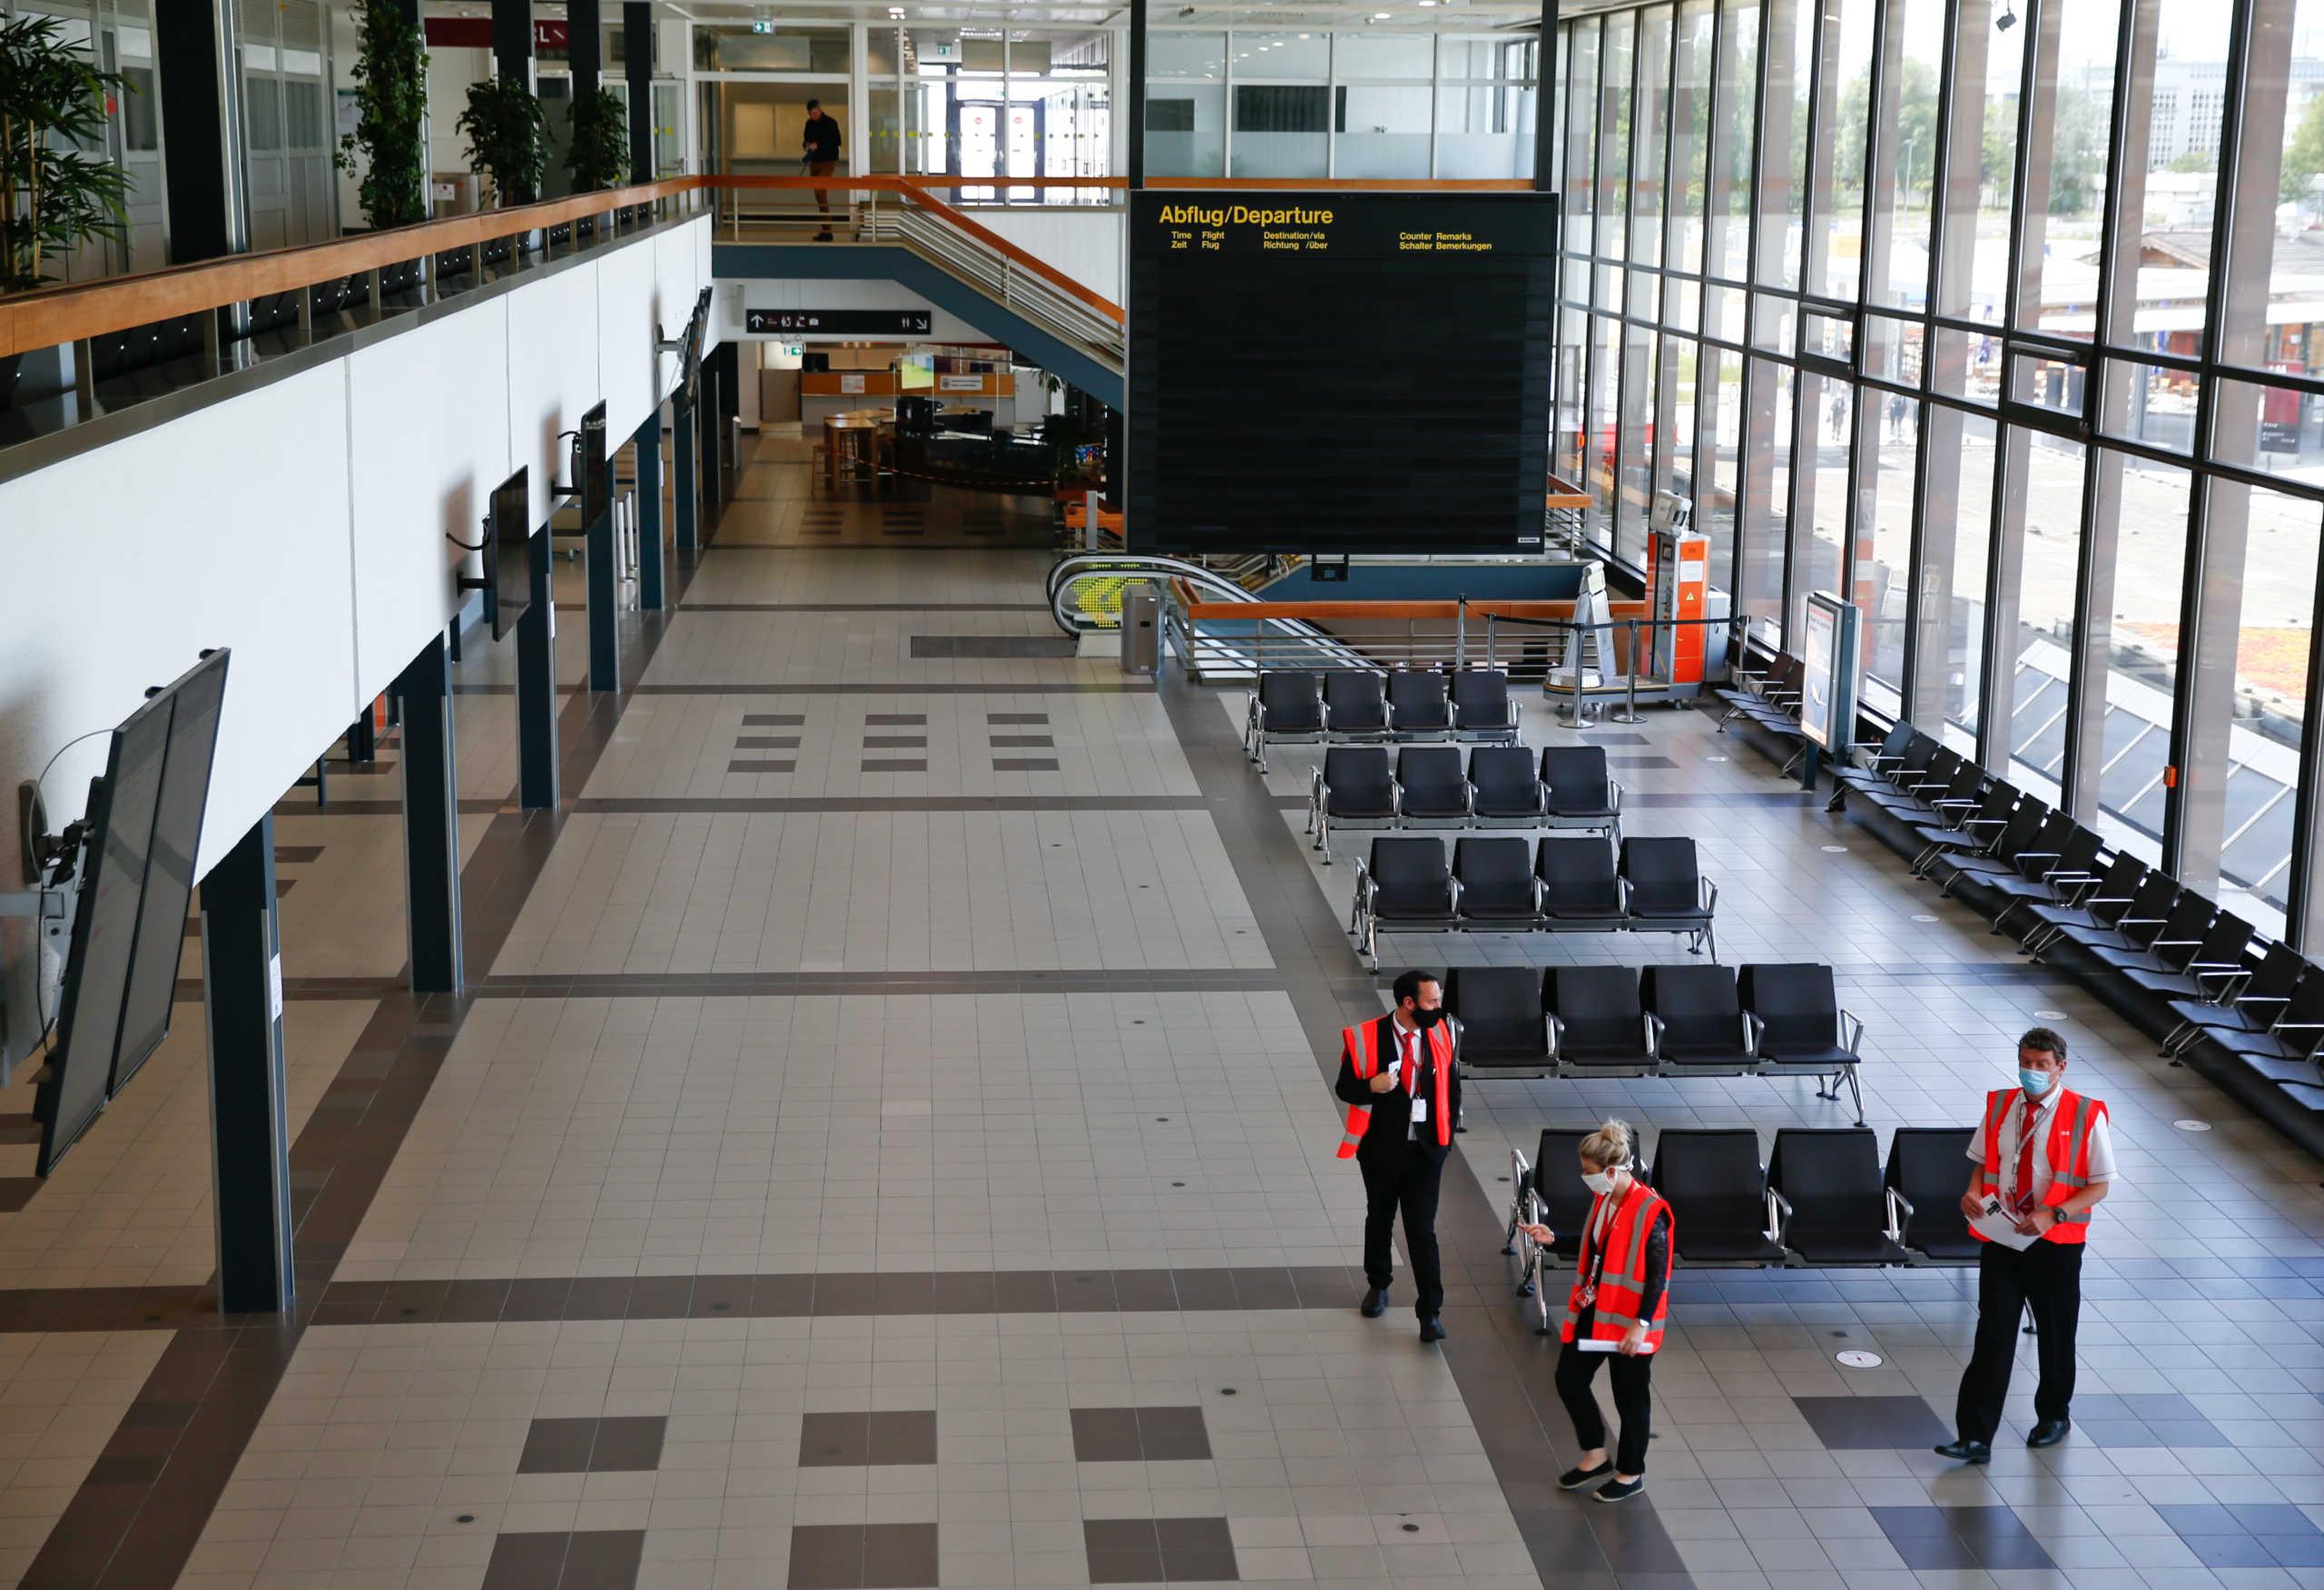 Αύριο αποφασίζει η Γερμανία για την άρση της ταξιδιωτικής οδηγίας για τις χώρες της ΕΕ